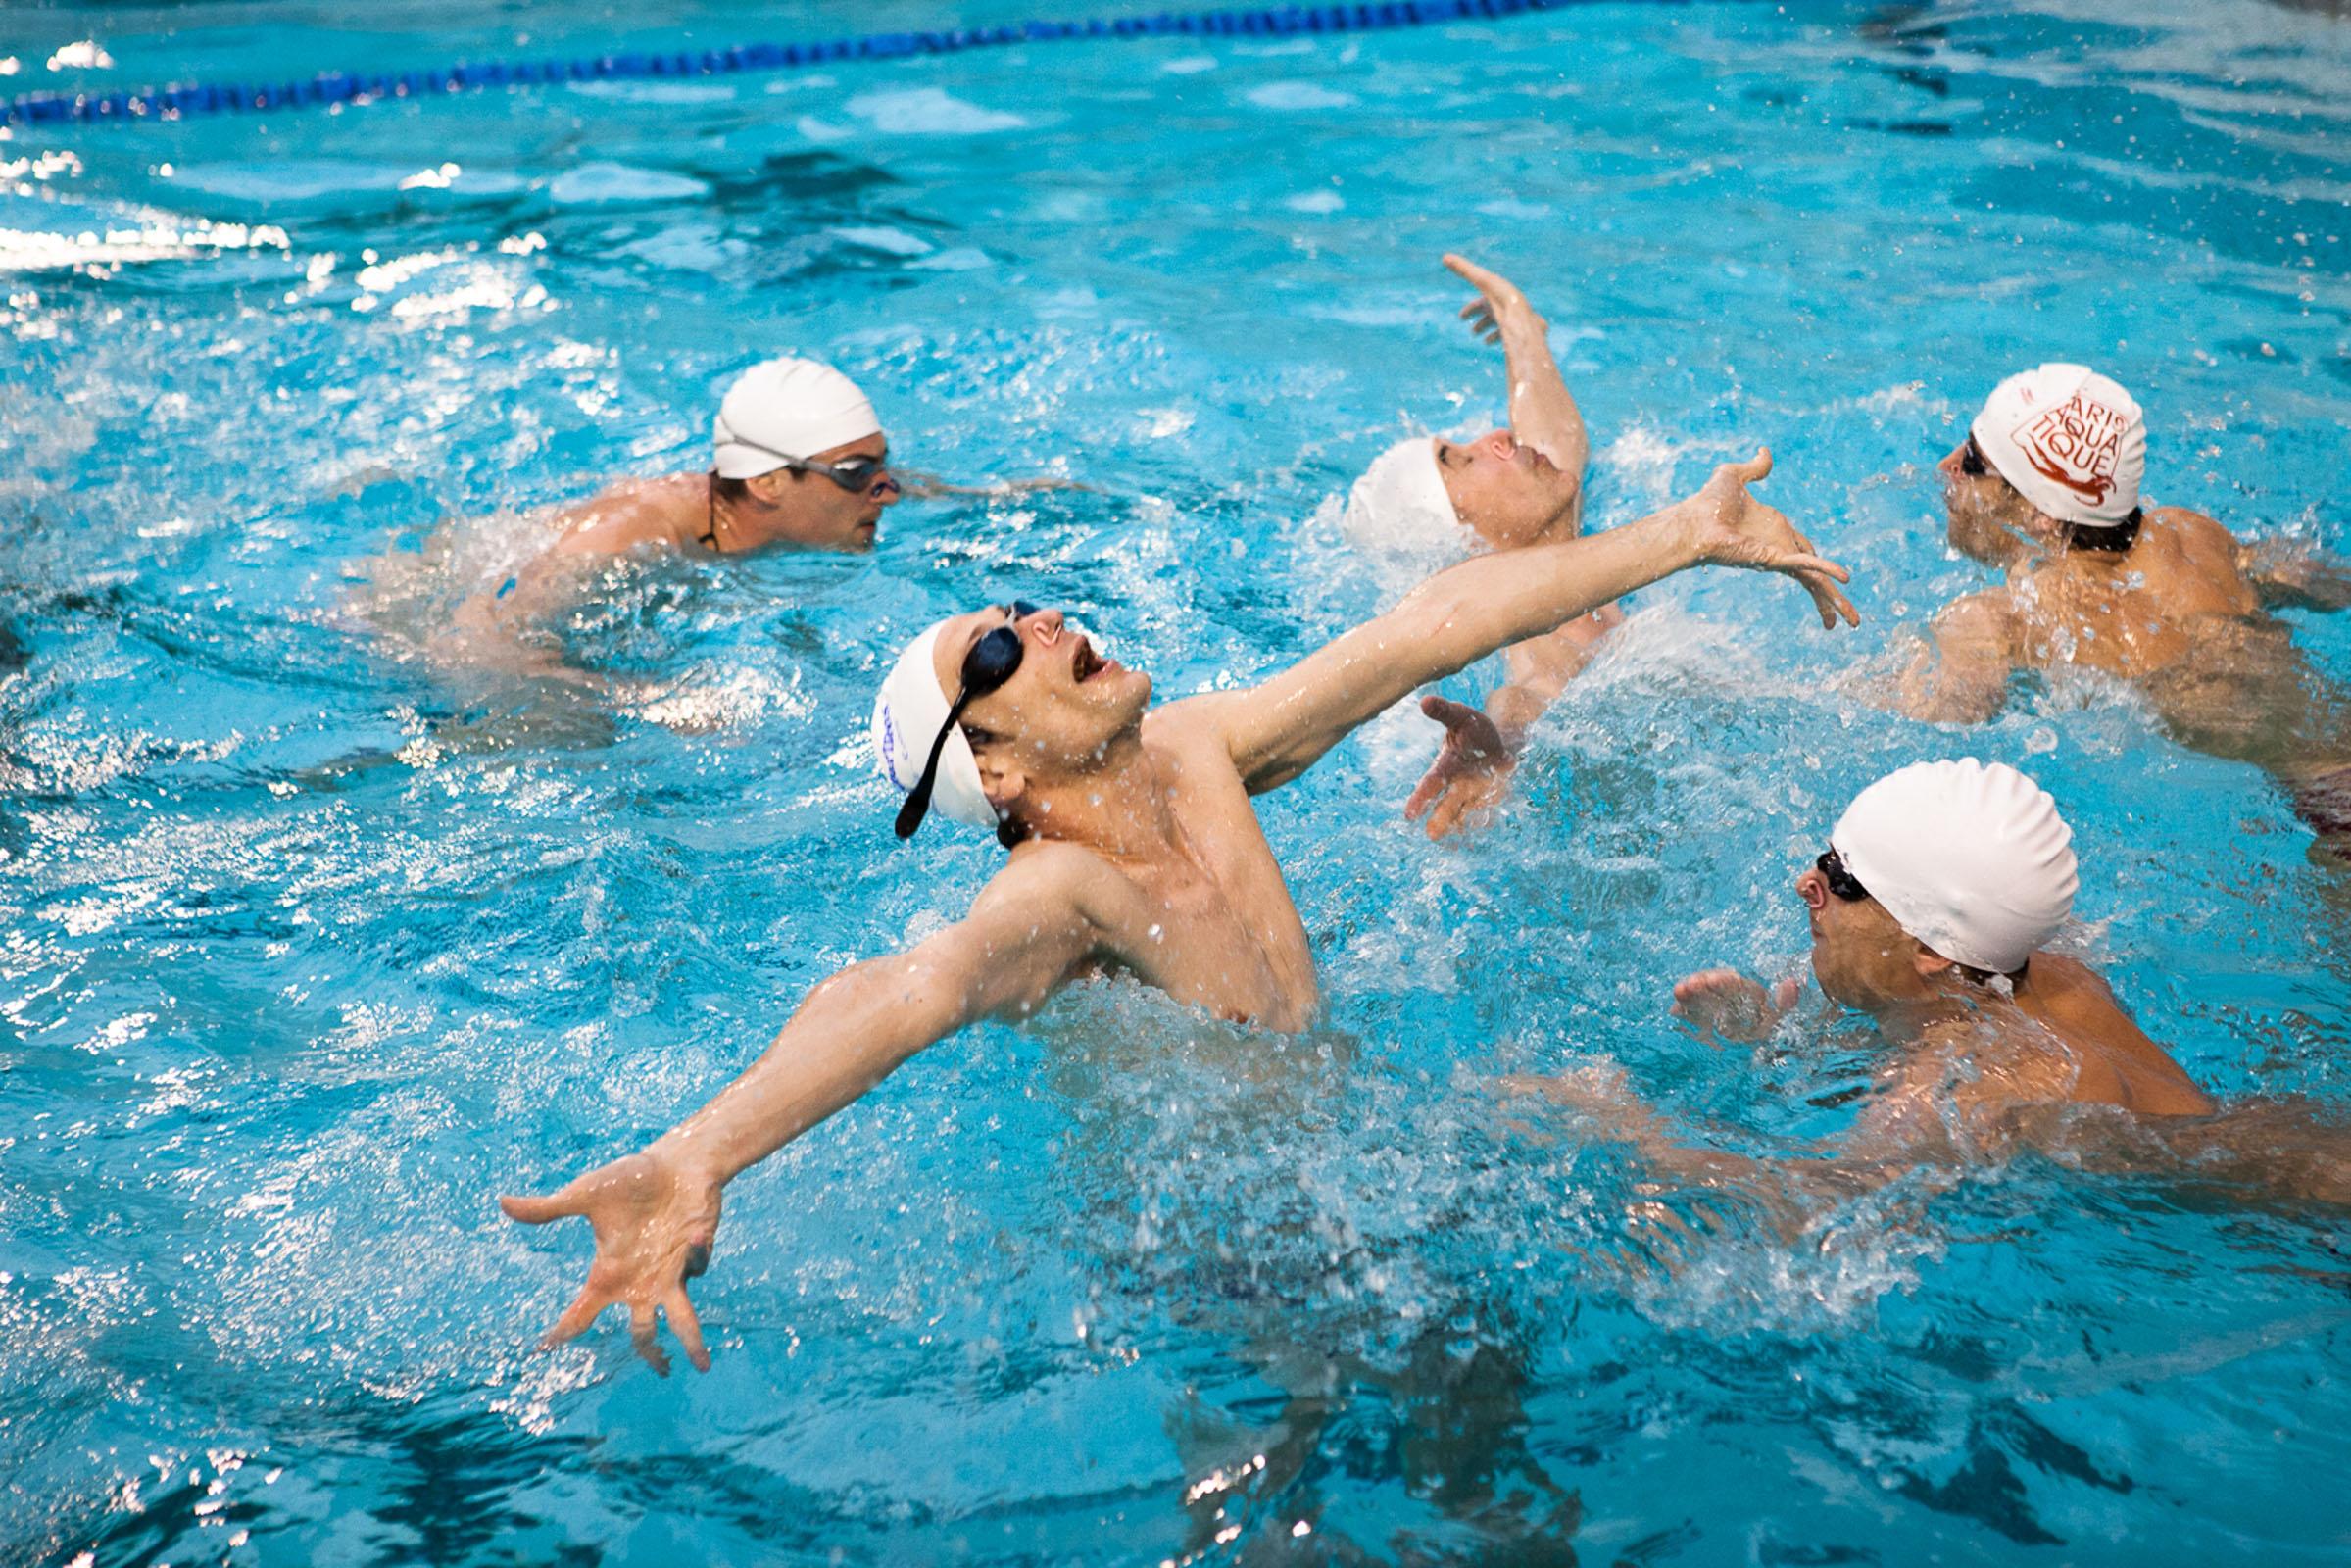 Paris, 24 avril 2013. Entrainement de l'équipe de natation synchronisée de l'équipe Paris aquatique.  Paris, 24th April 2013. Training of the Paris Aquatique men's synchronized swimming team.